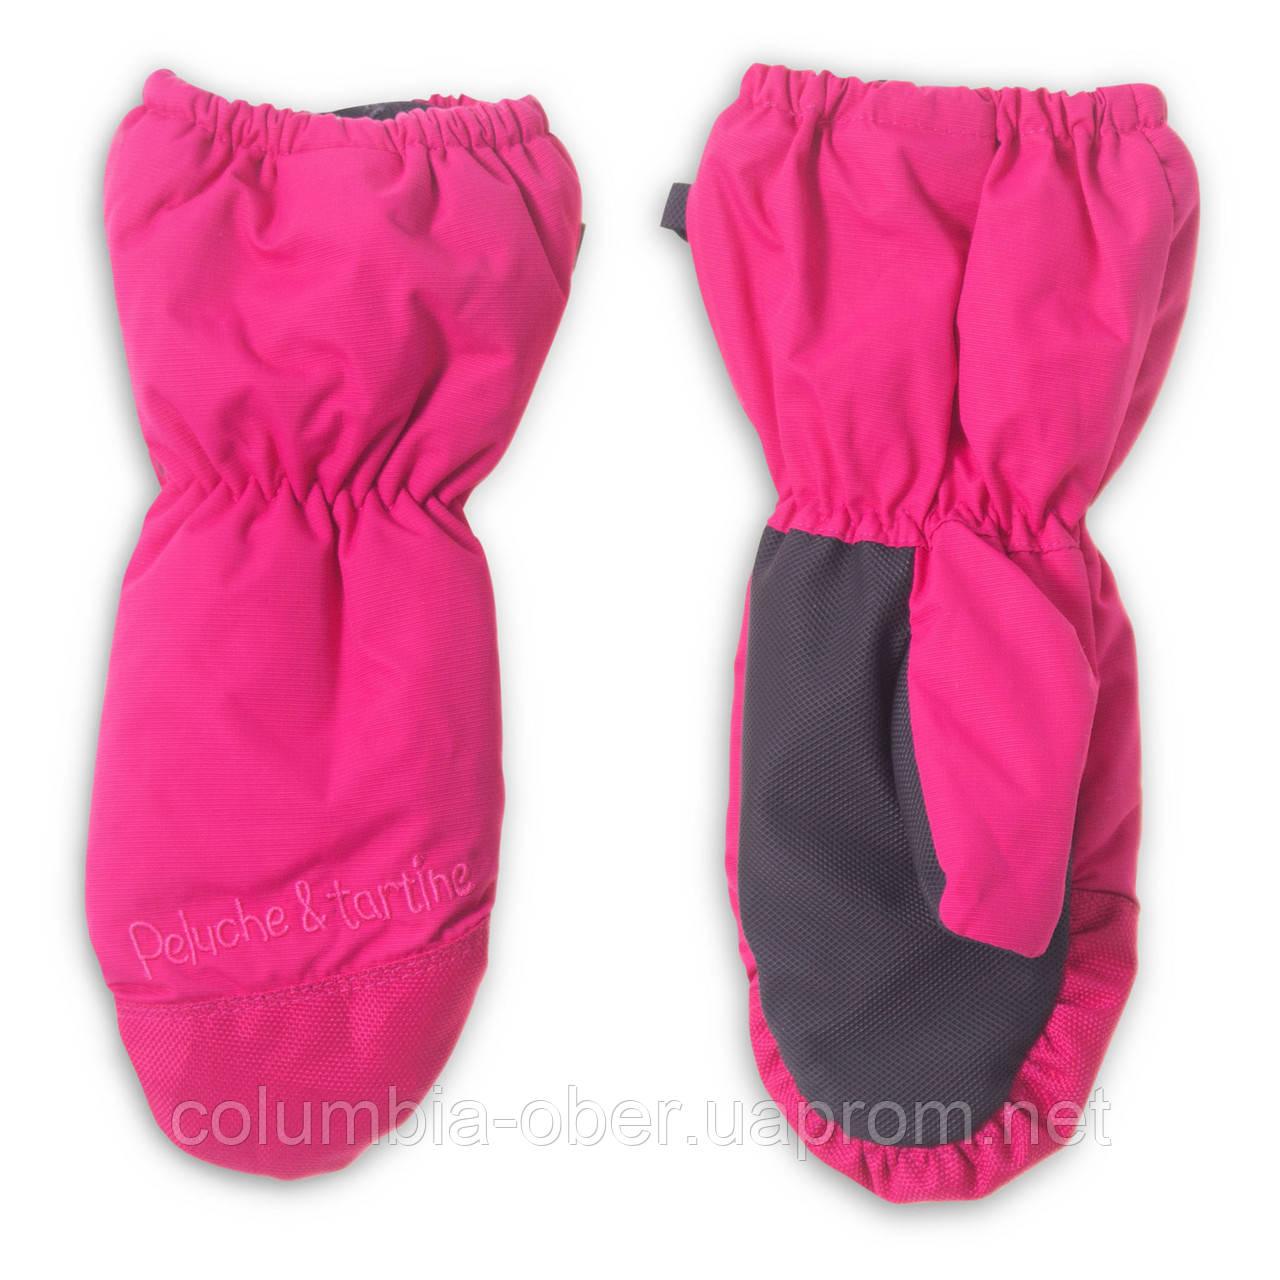 Зимние рукавицы - краги для девочки PELUCHE F18 MIT 54 EF Berry. Размеры 3/4, 5/6 и  7/8.